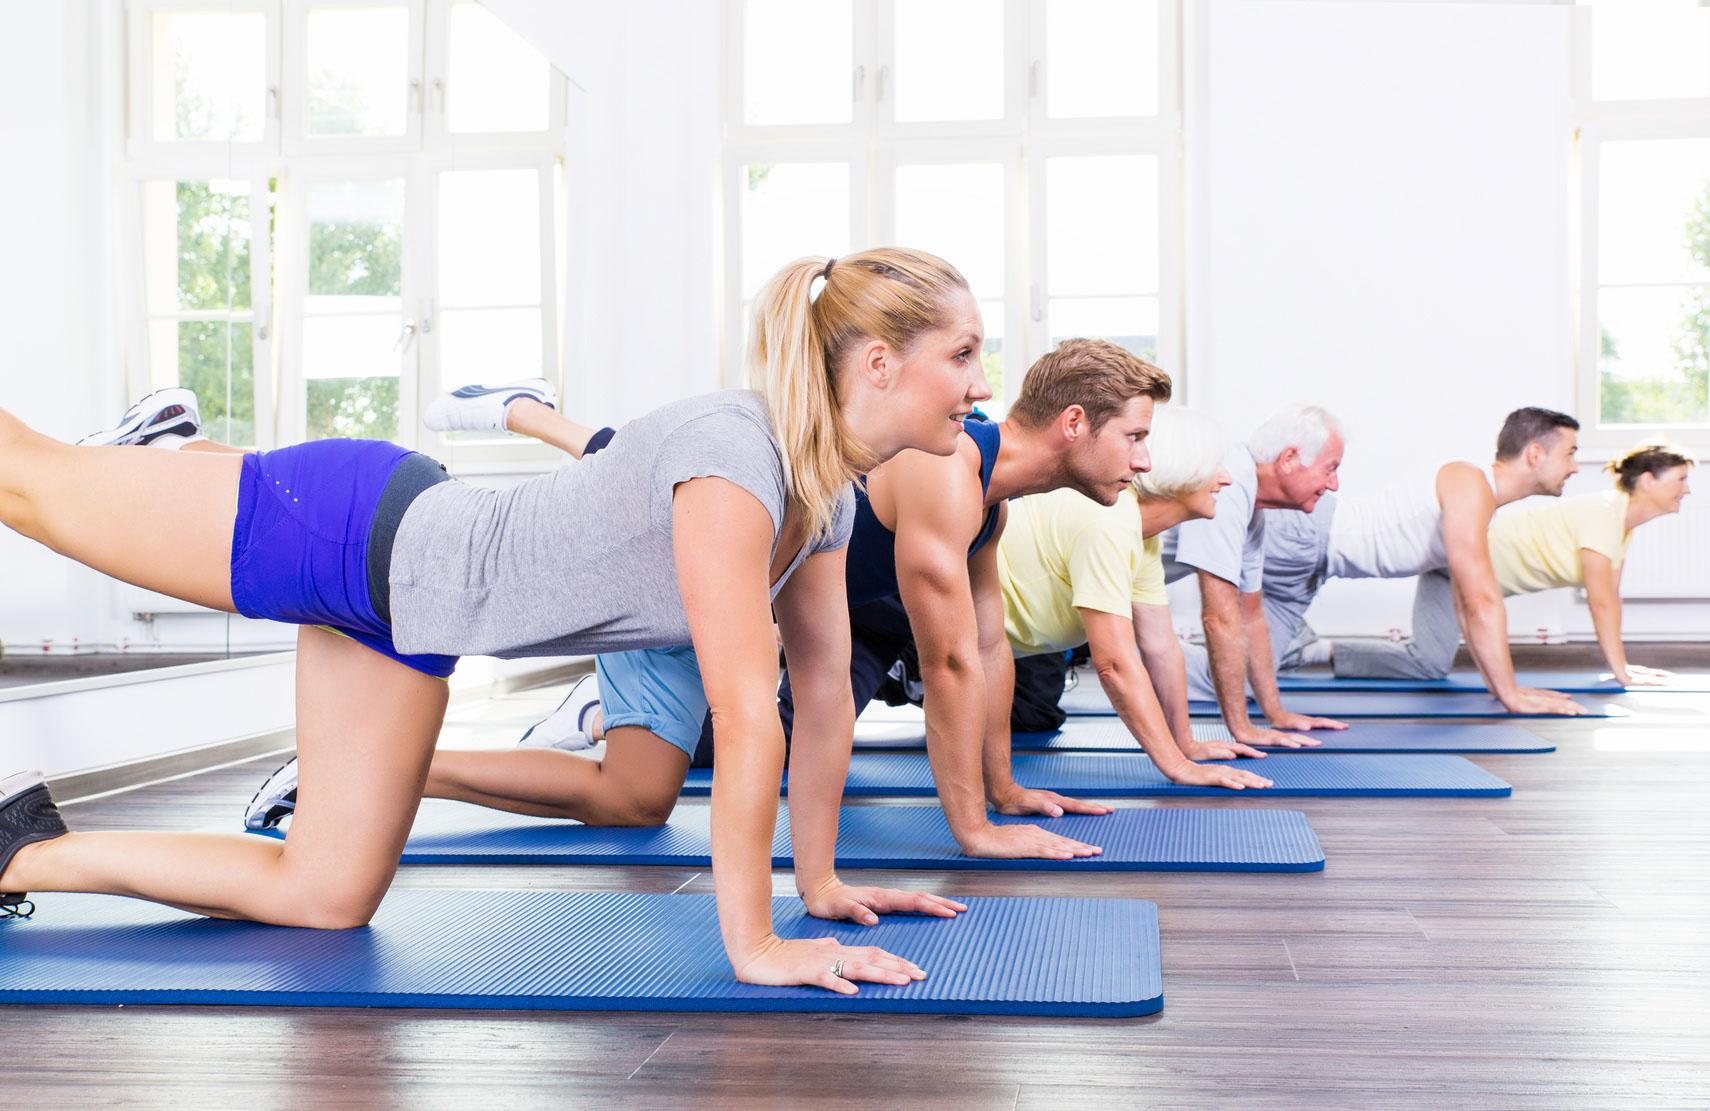 Gruppe bei Gymnastikübung auf Sportmatten